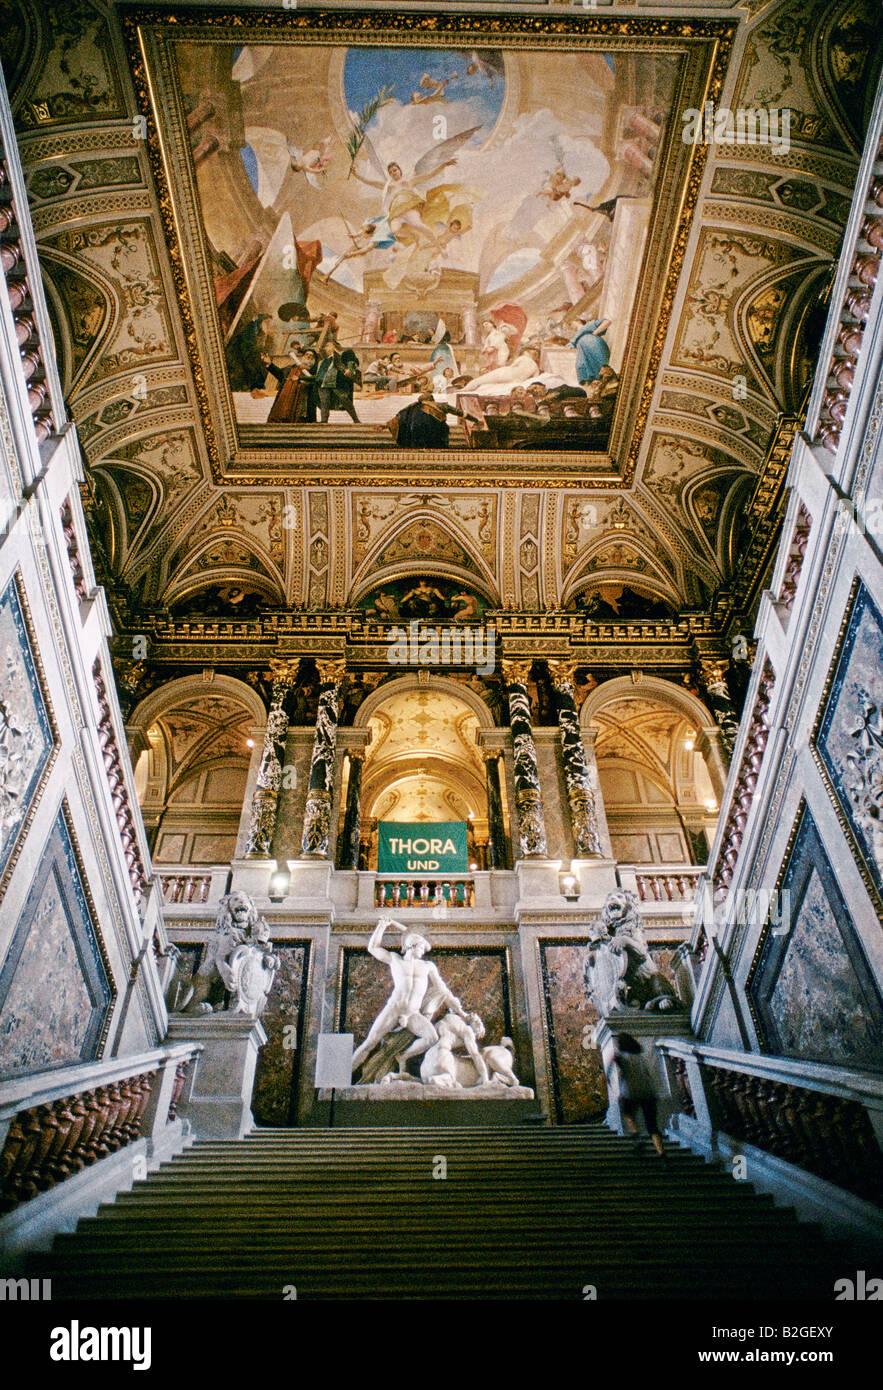 Vienne 1995 L'INTÉRIEUR DE MUSÉE DES BEAUX-ARTS DE VIENNE Photo Stock